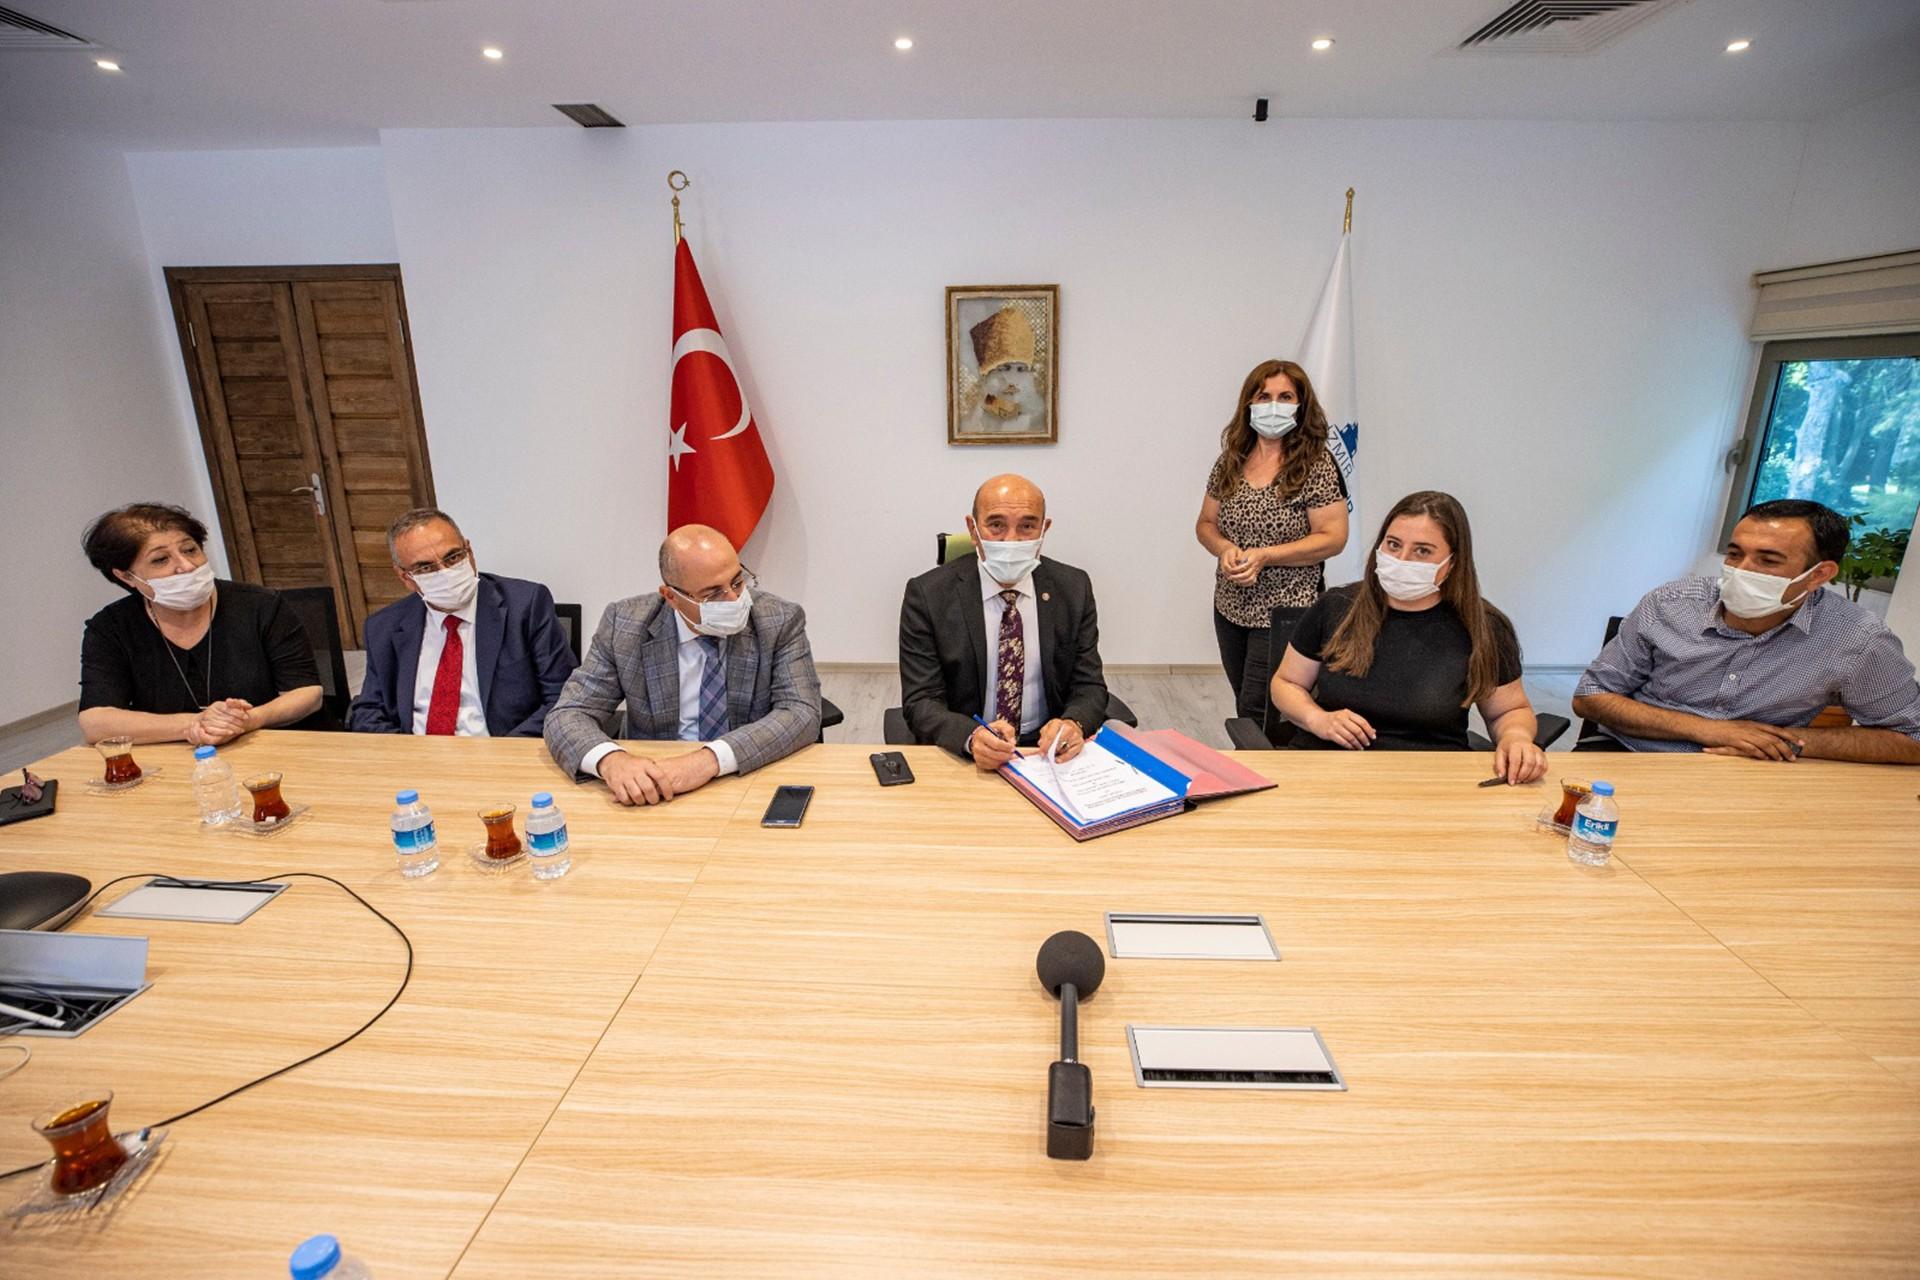 Toplu sözleşmeleri imzalanan İzmir Büyükşehir Belediyesinde çalışan memurlara yüzde 27 oranında zam yapıldı.